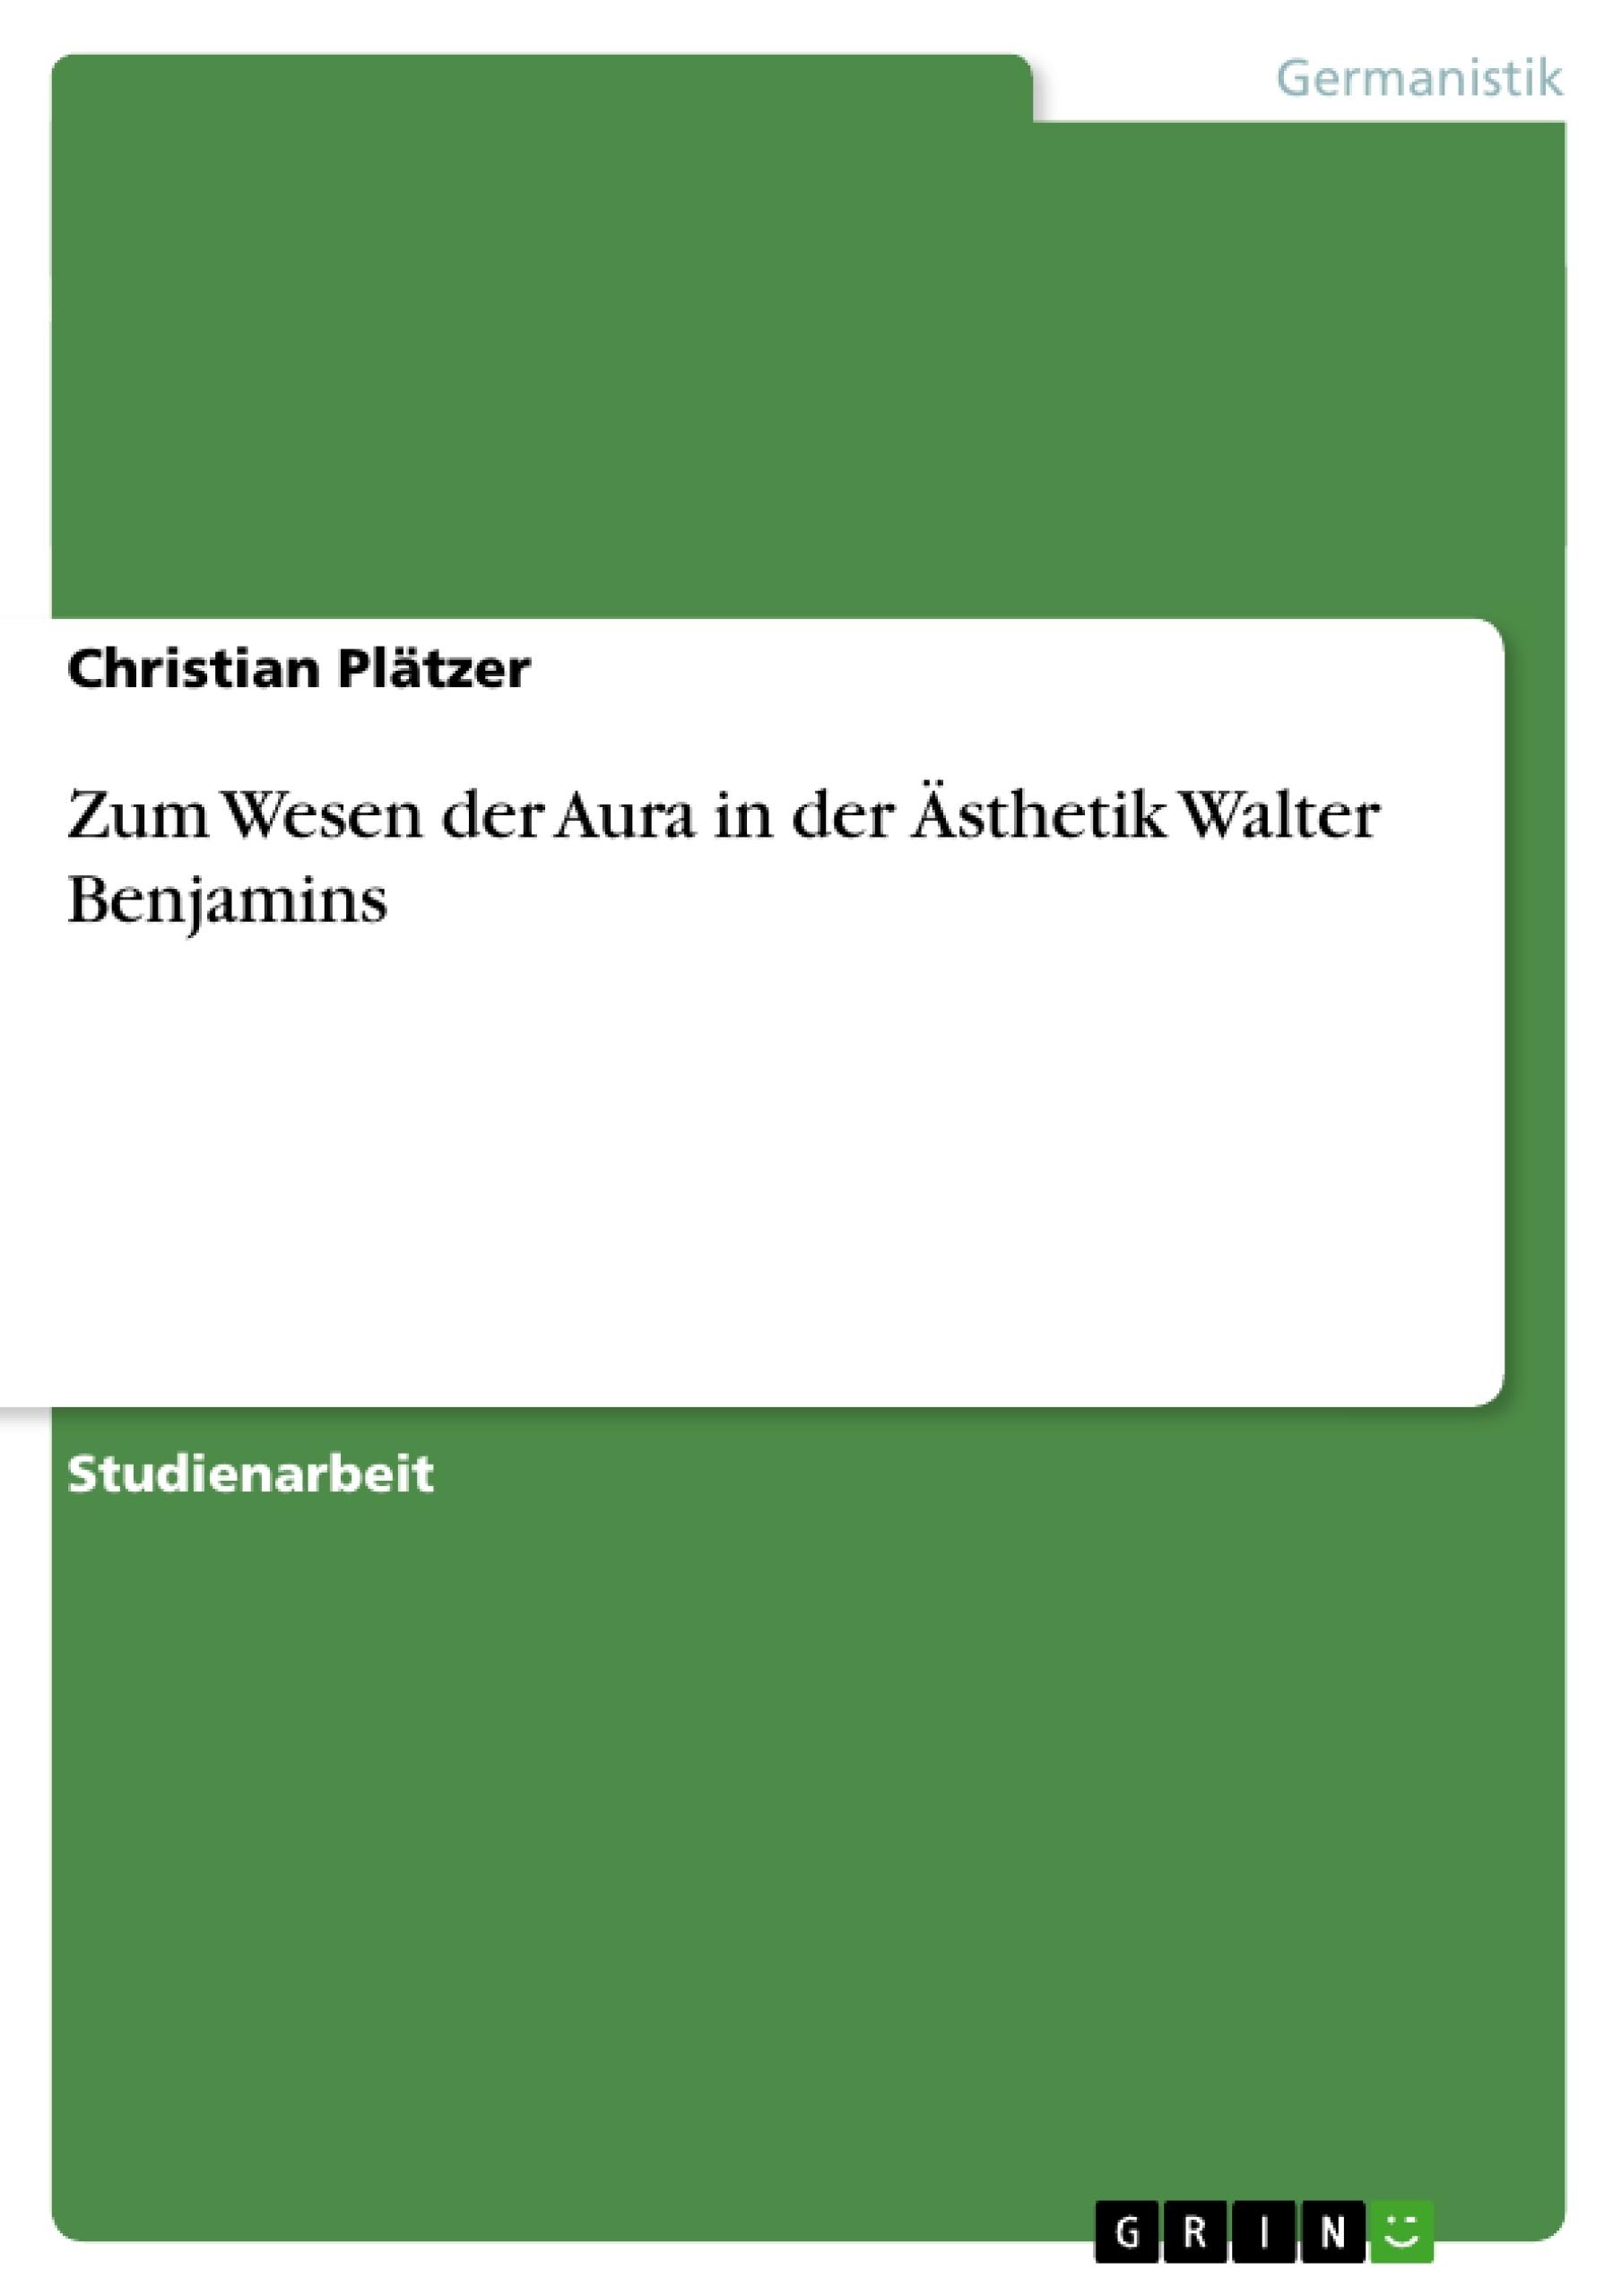 Titel: Zum Wesen der Aura in der Ästhetik Walter Benjamins